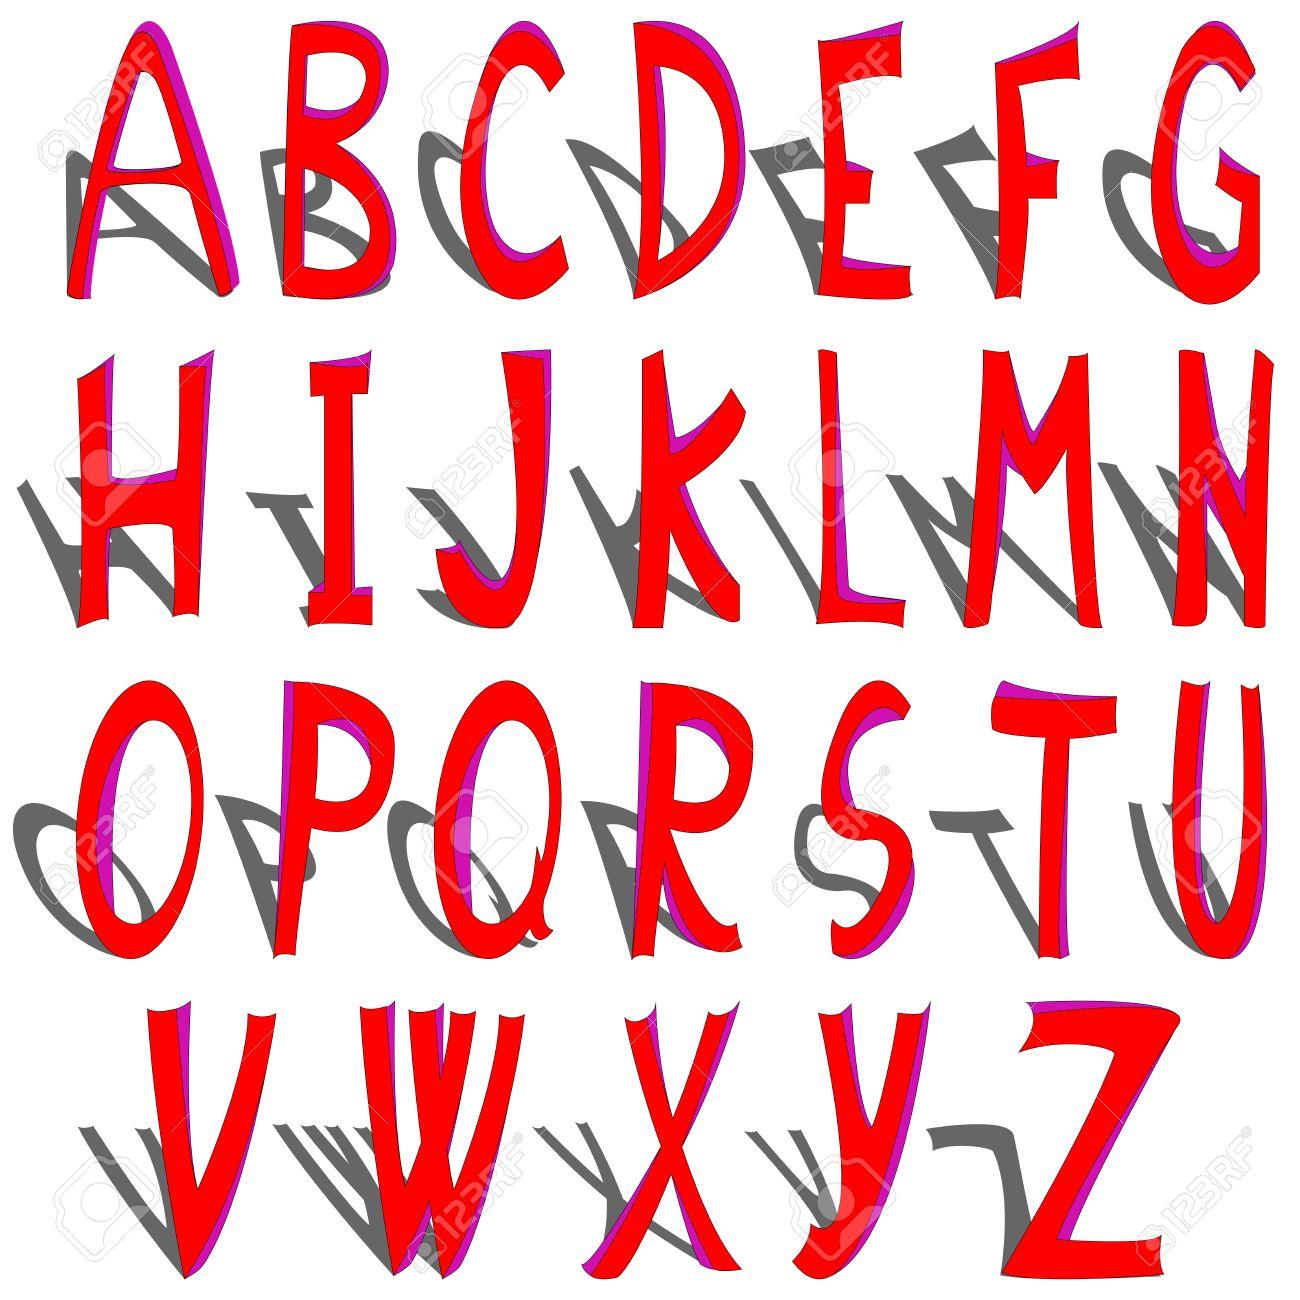 ===Alfabetos de...=== 6072150-alfabeto-sombreado-ilustraci-n-de-arte-vectorial-m-s-letras-del-alfabeto-en-mi-galer-a--Foto-de-archivo